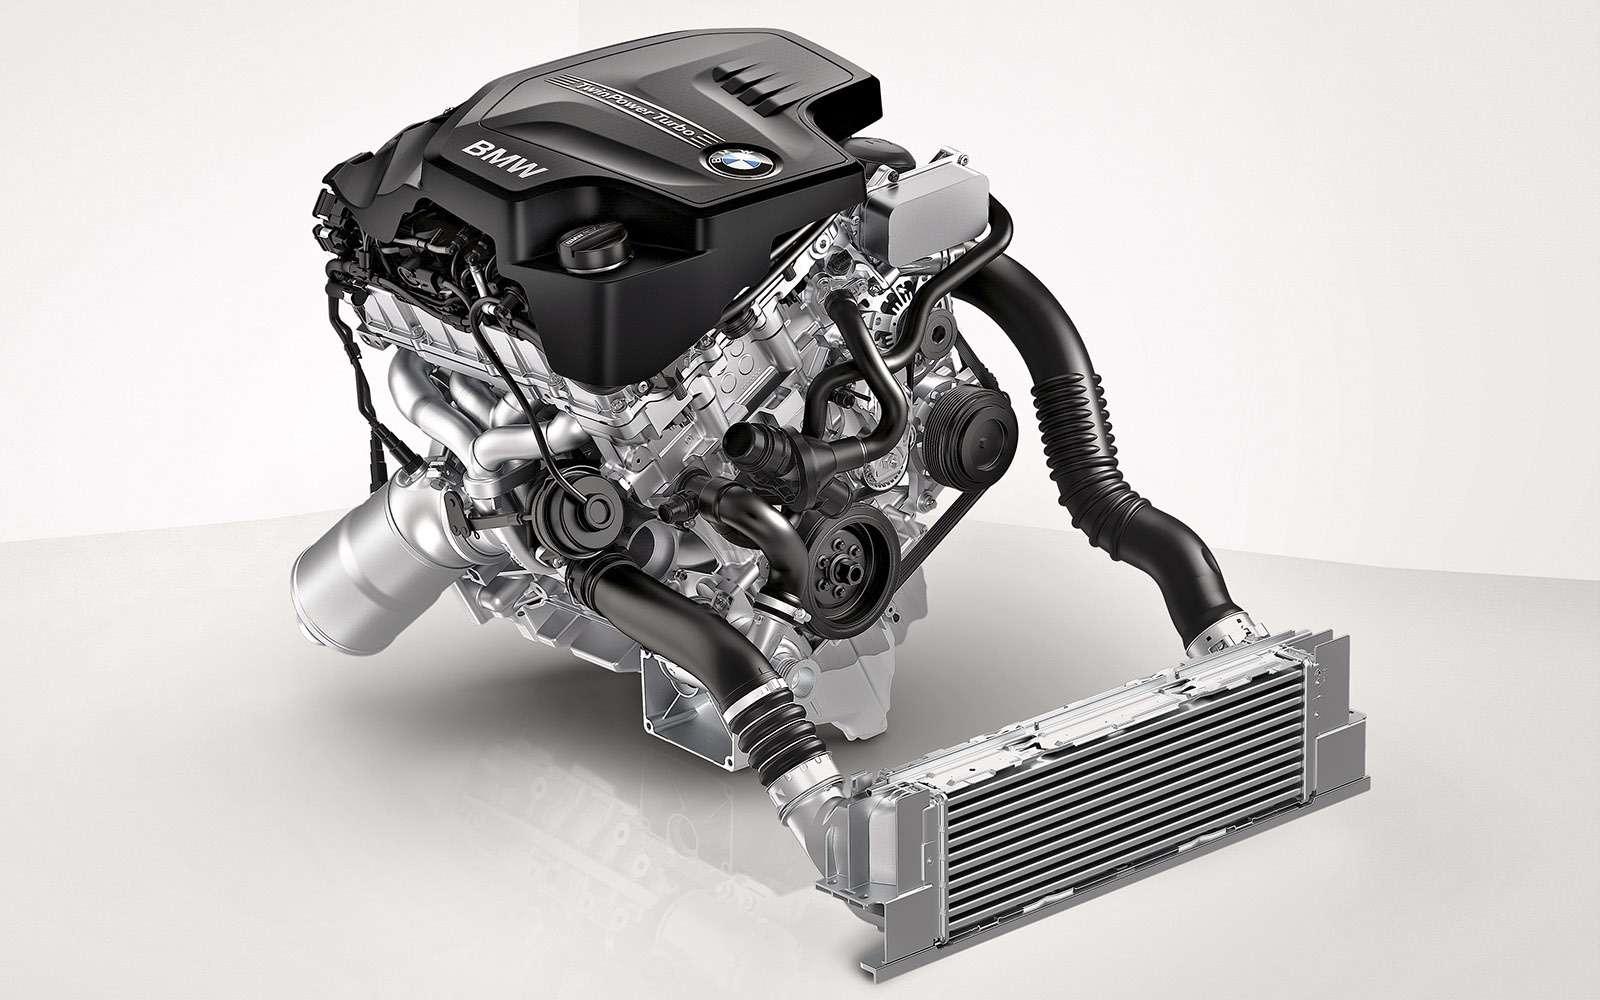 BMWX3второго поколения— список возможных проблем— фото 771809